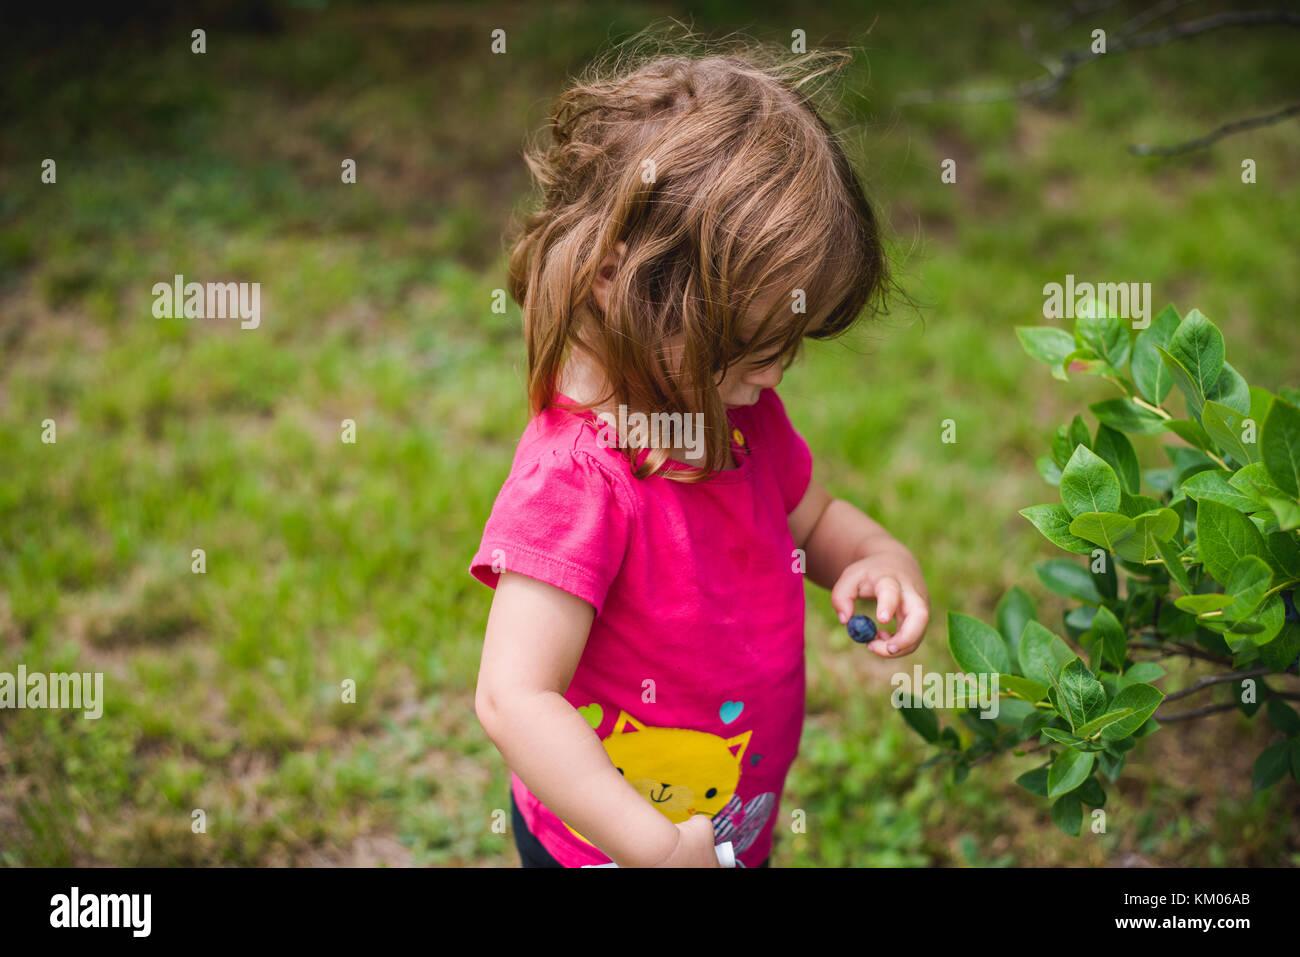 Una giovane ragazza tiene un mirtillo accanto a un mirtillo bush Foto Stock